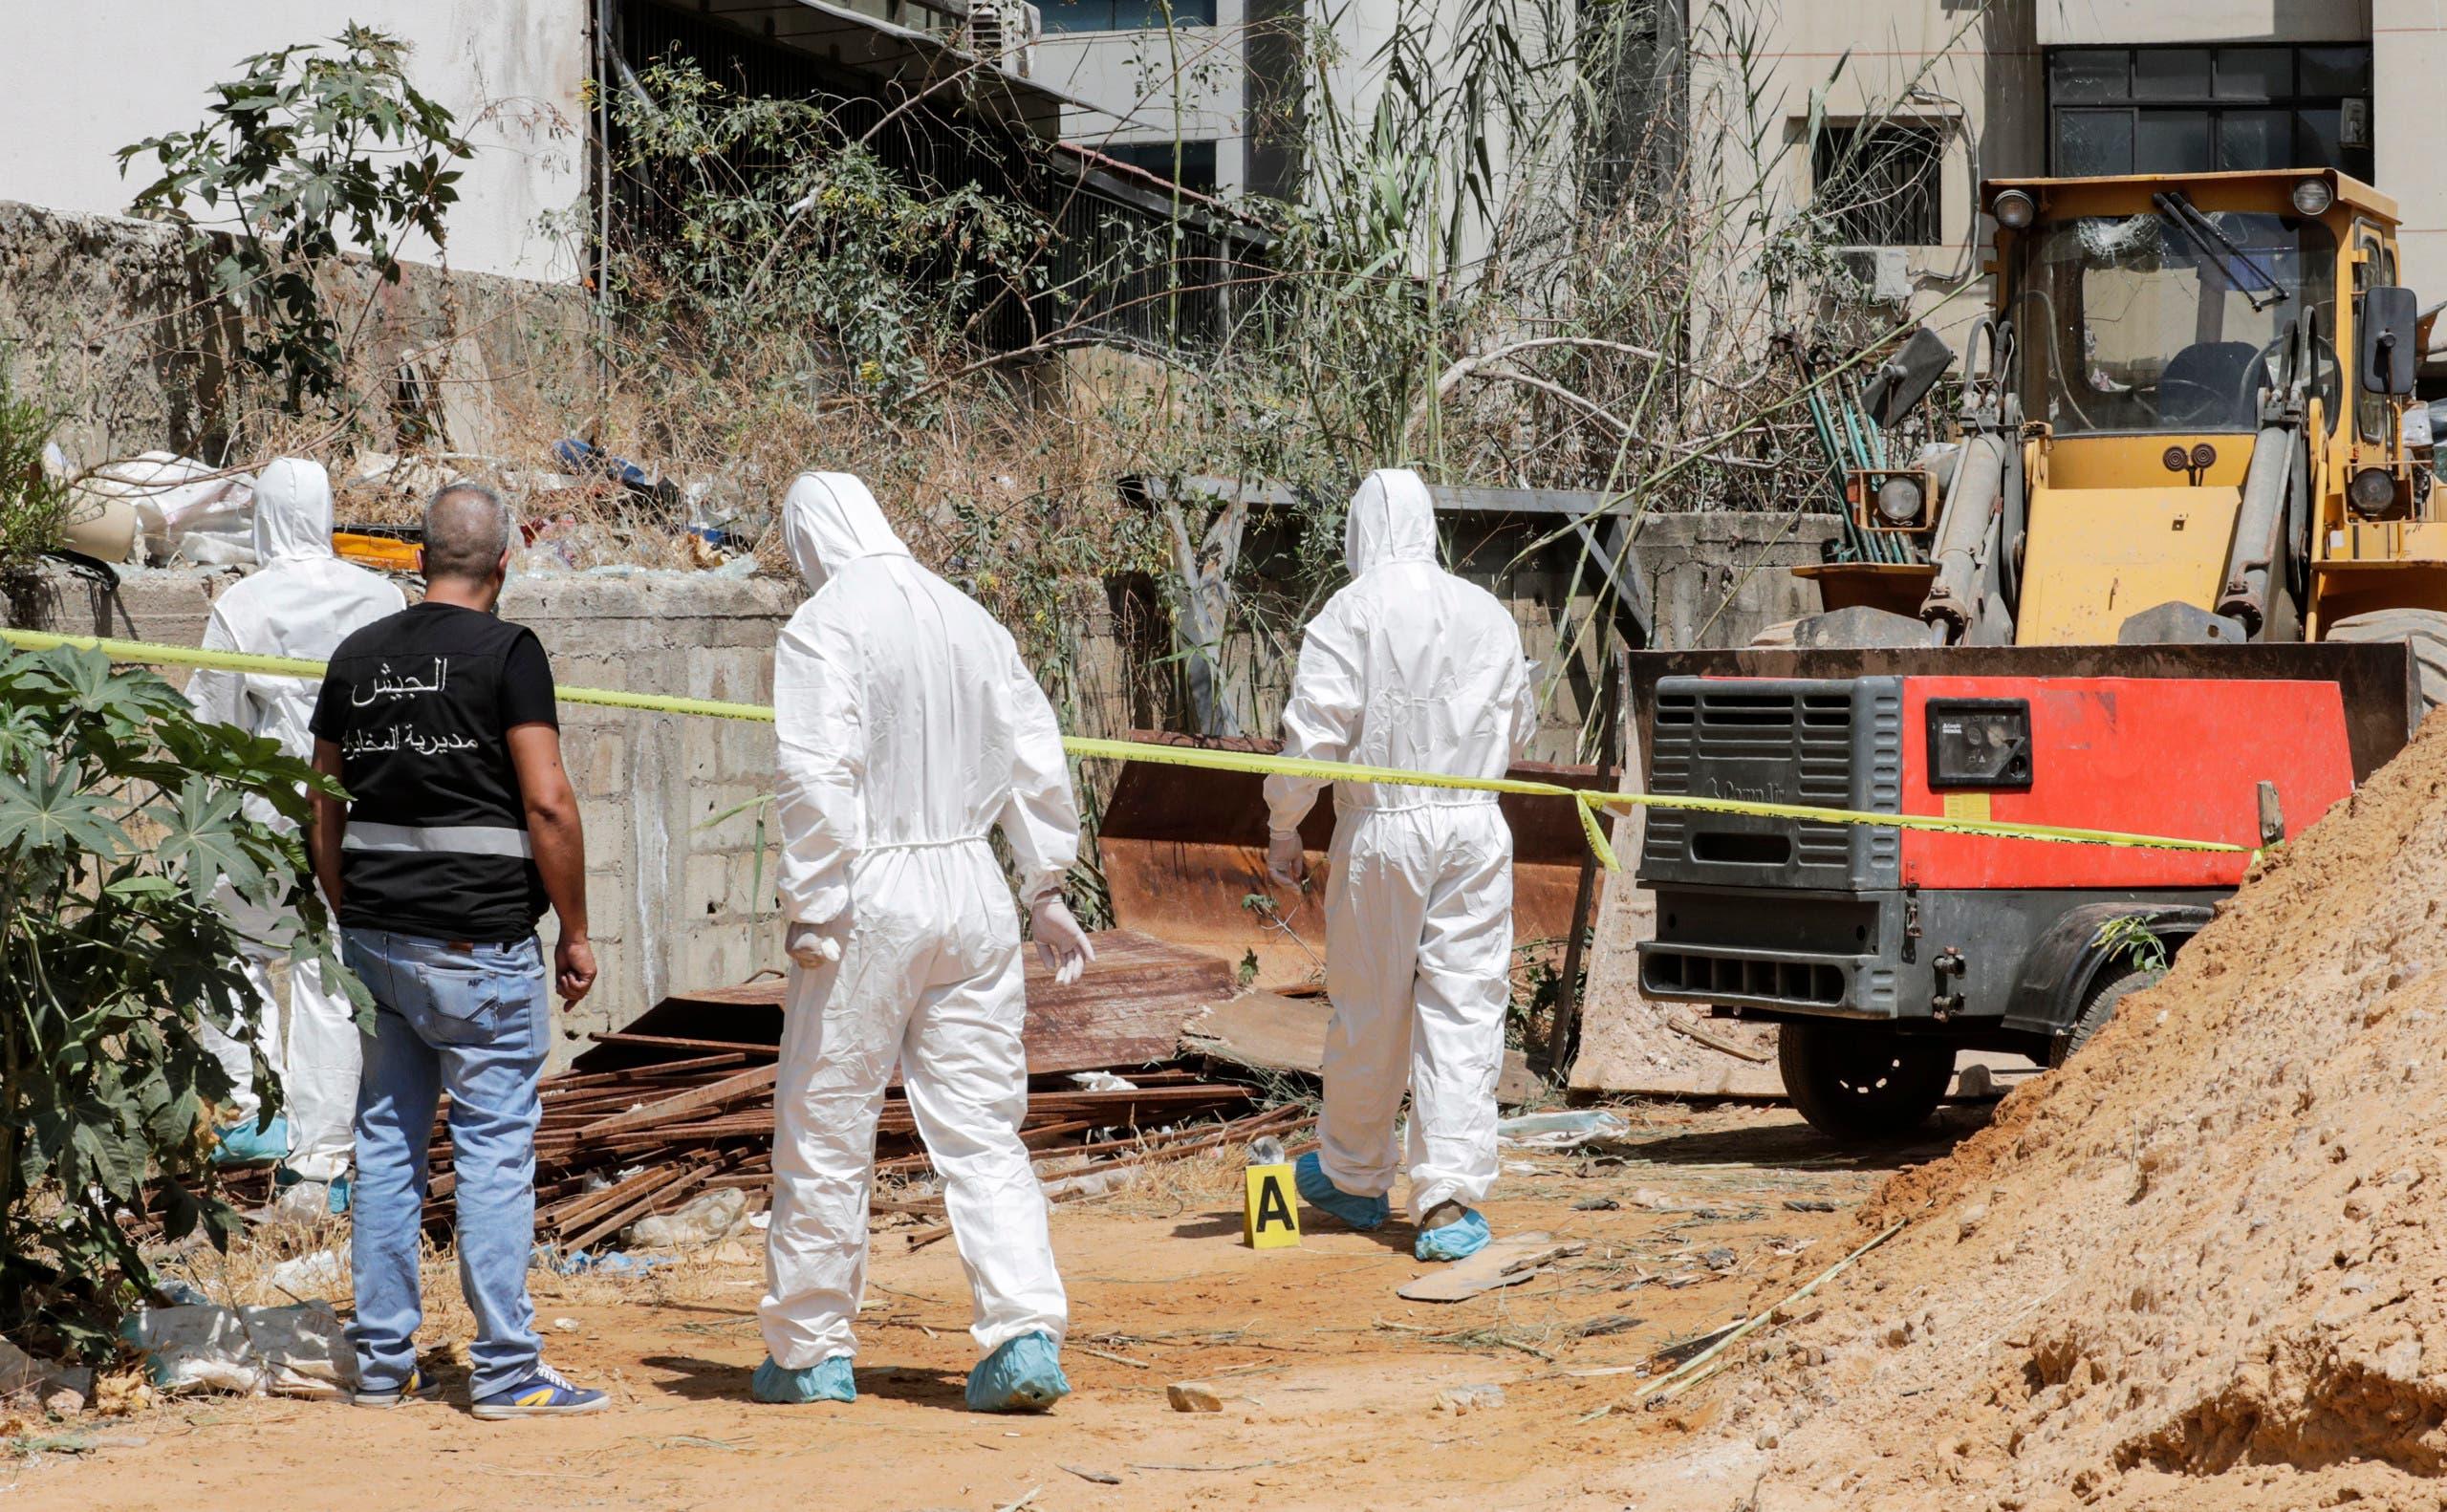 محققون في الطب الشرعي للمخابرات العسكرية اللبنانية يتفقدون المكان الذي سقطت فيه طائرتي درون إسرائيليتين